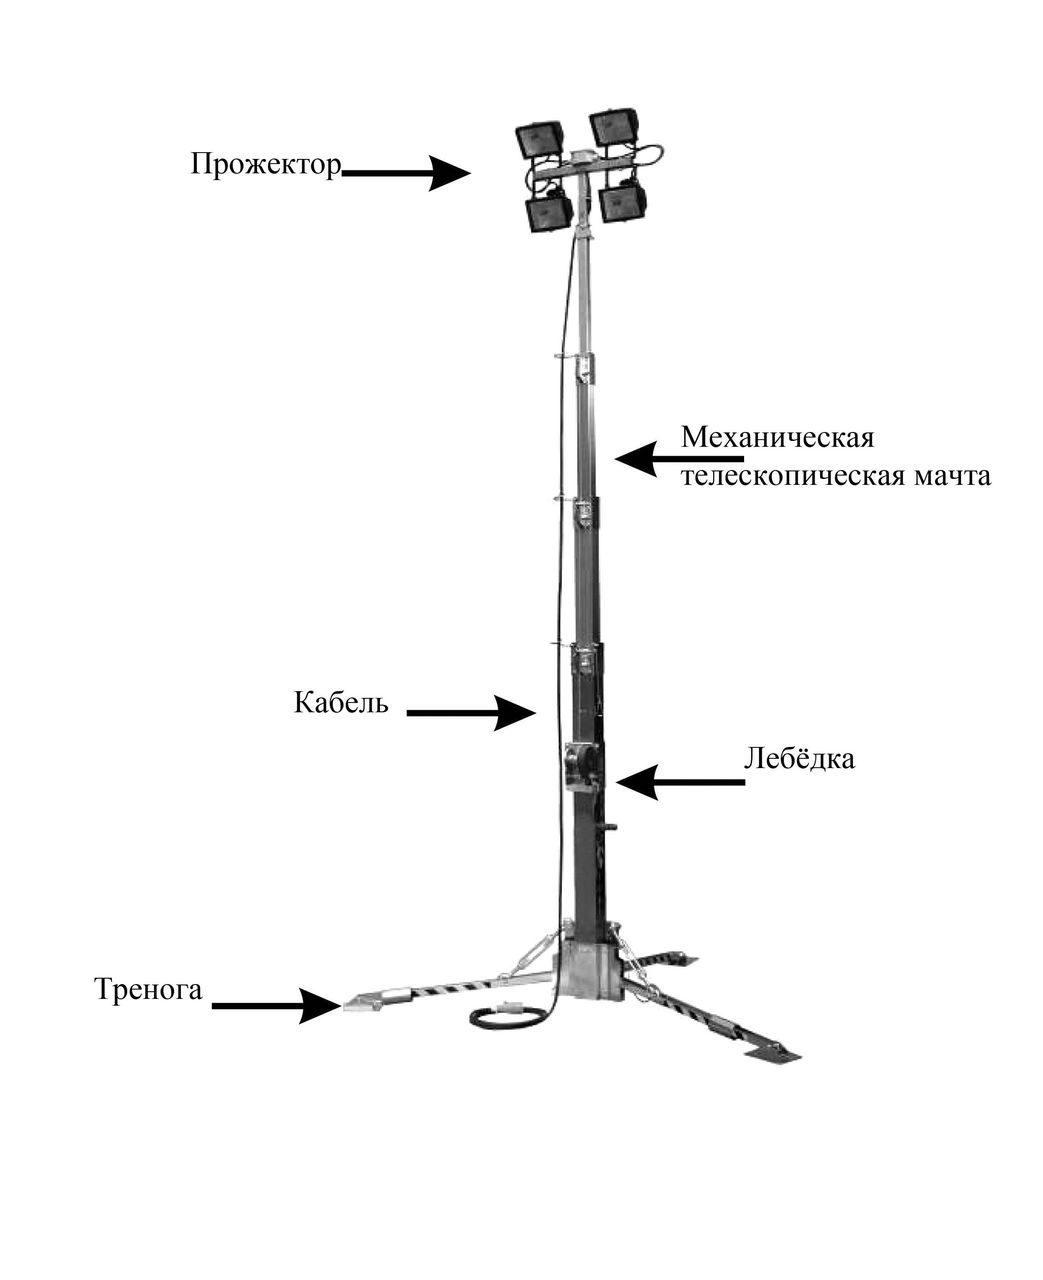 Мачта осветительная стационарная телескопическая МОС-6,0